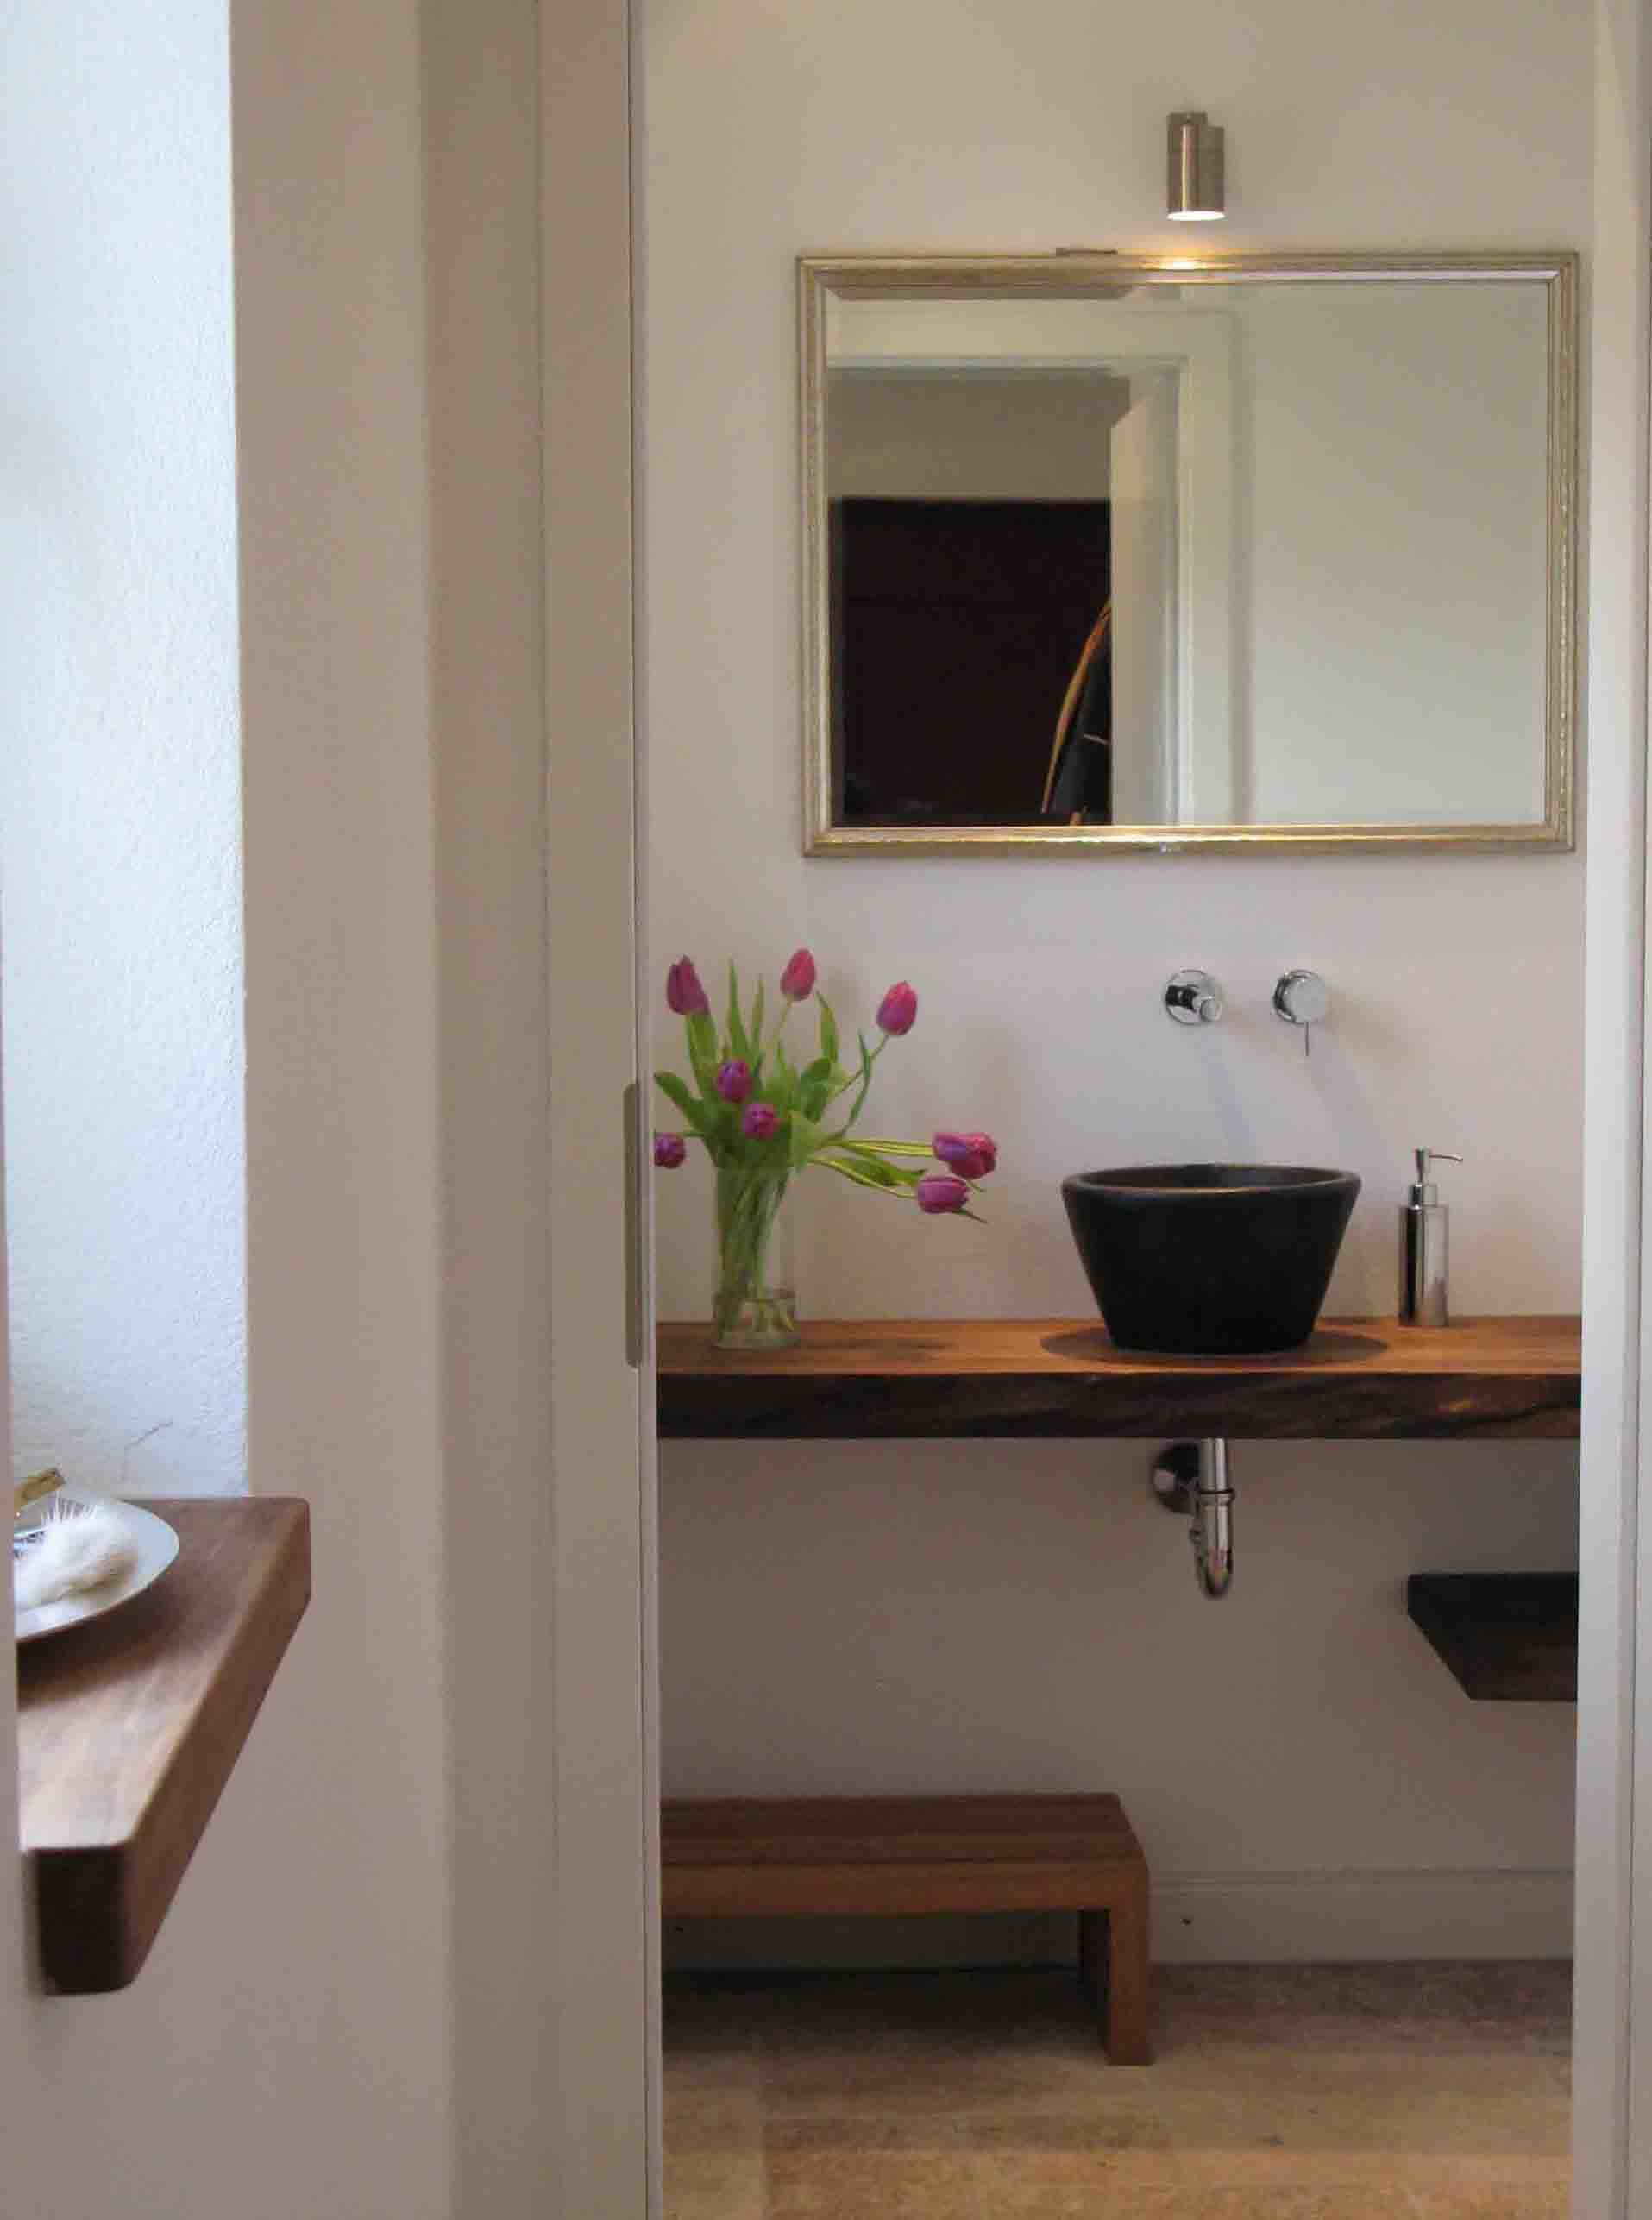 Gästewc alternative waschtischkonsole konsolenträger bad waschtisch